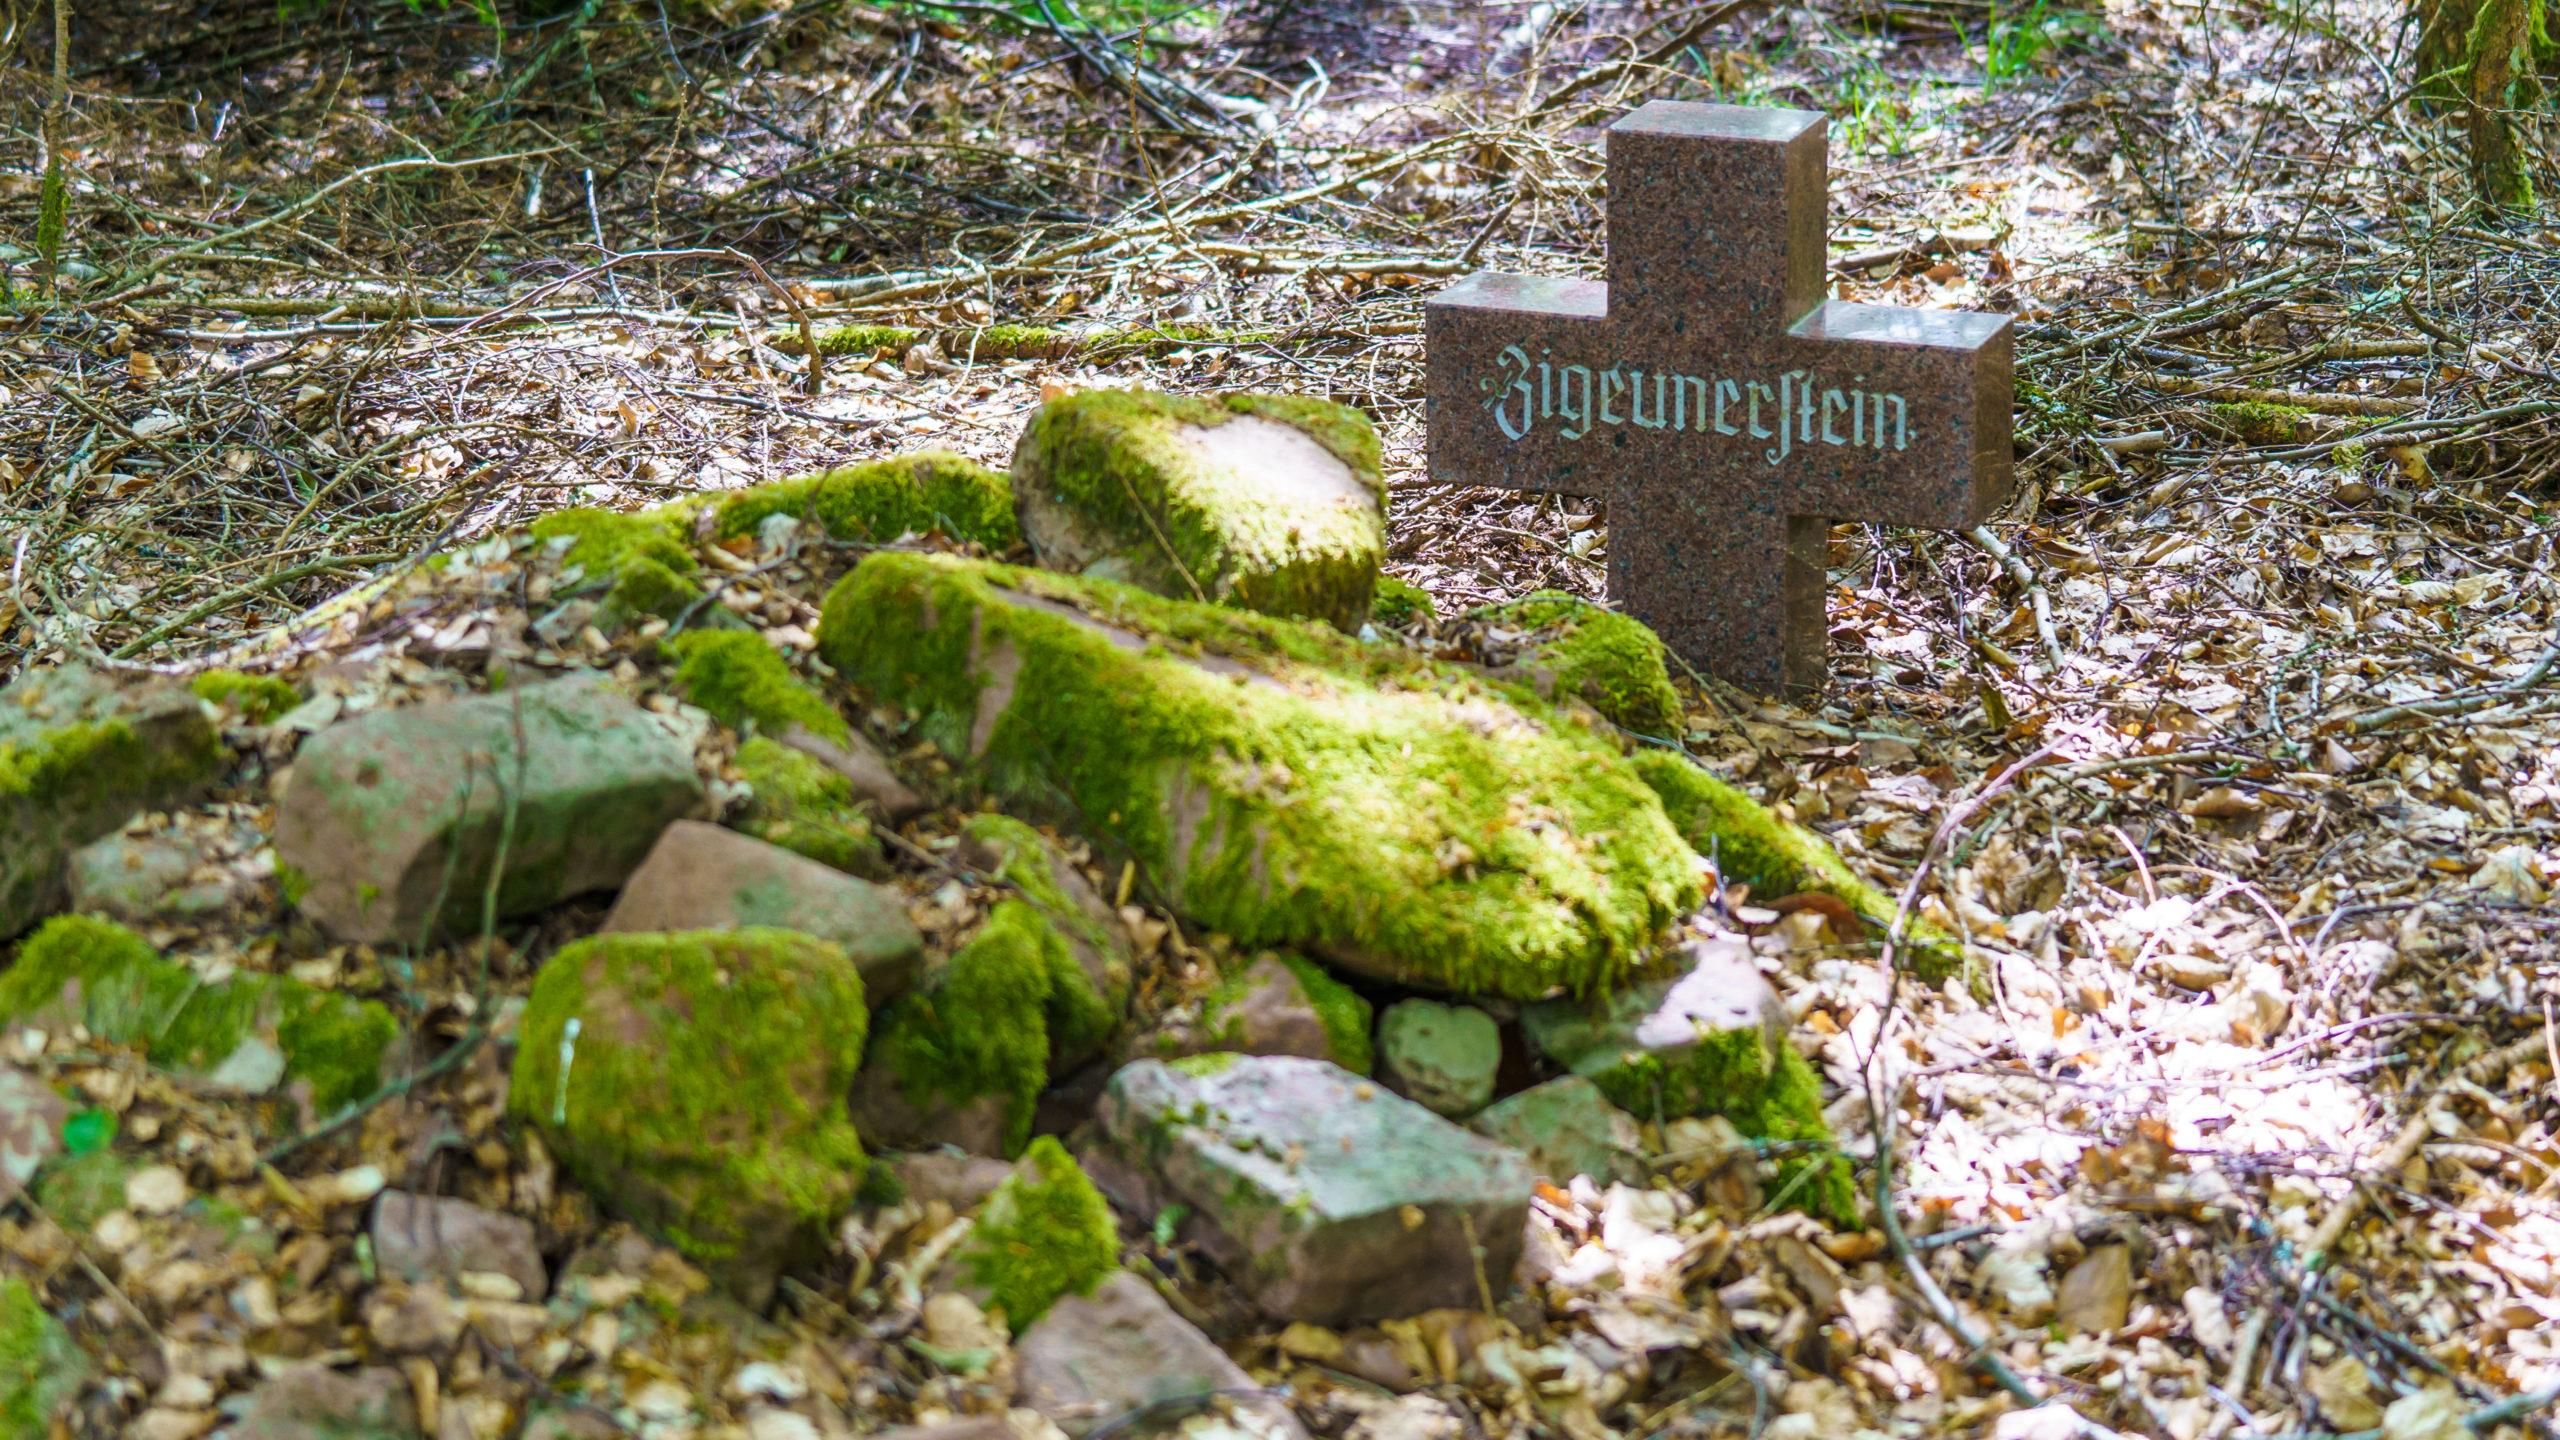 Grenzweg Gerstunger Forst - Zigeuner-Grabstätte (aus dem 16. Jh.) am gemeinsamen Weg nahe Arnsberg